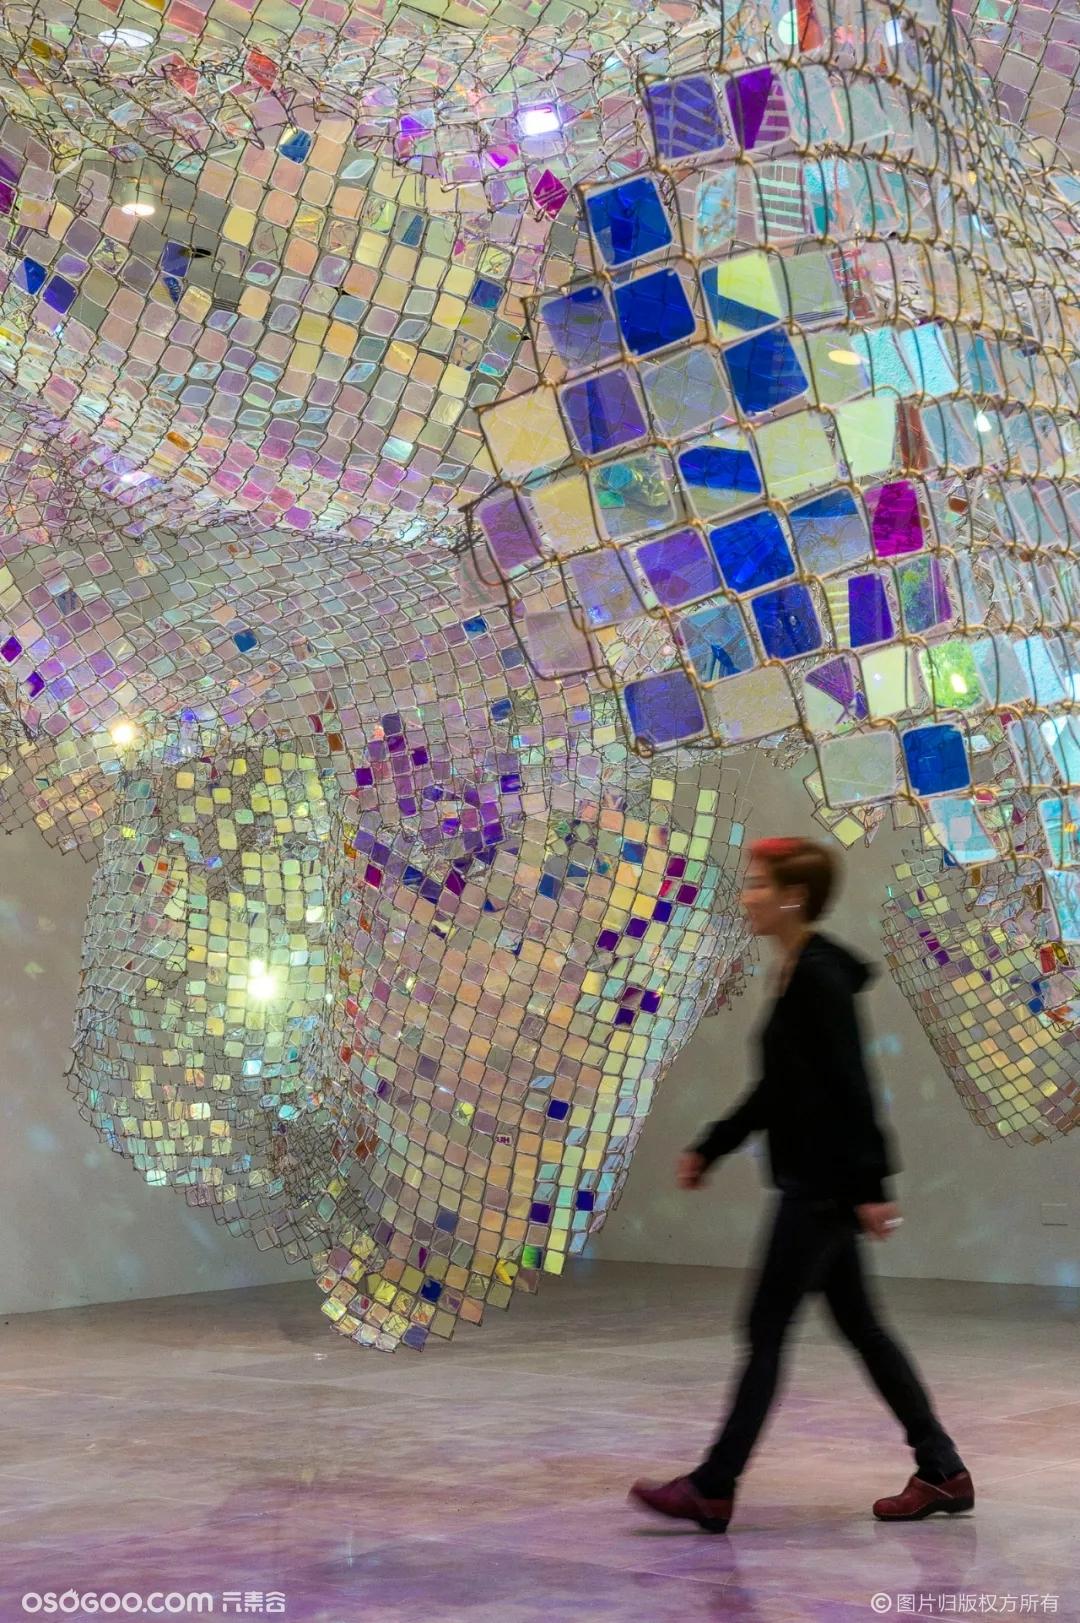 树脂玻璃造出的另一个梦幻的世界